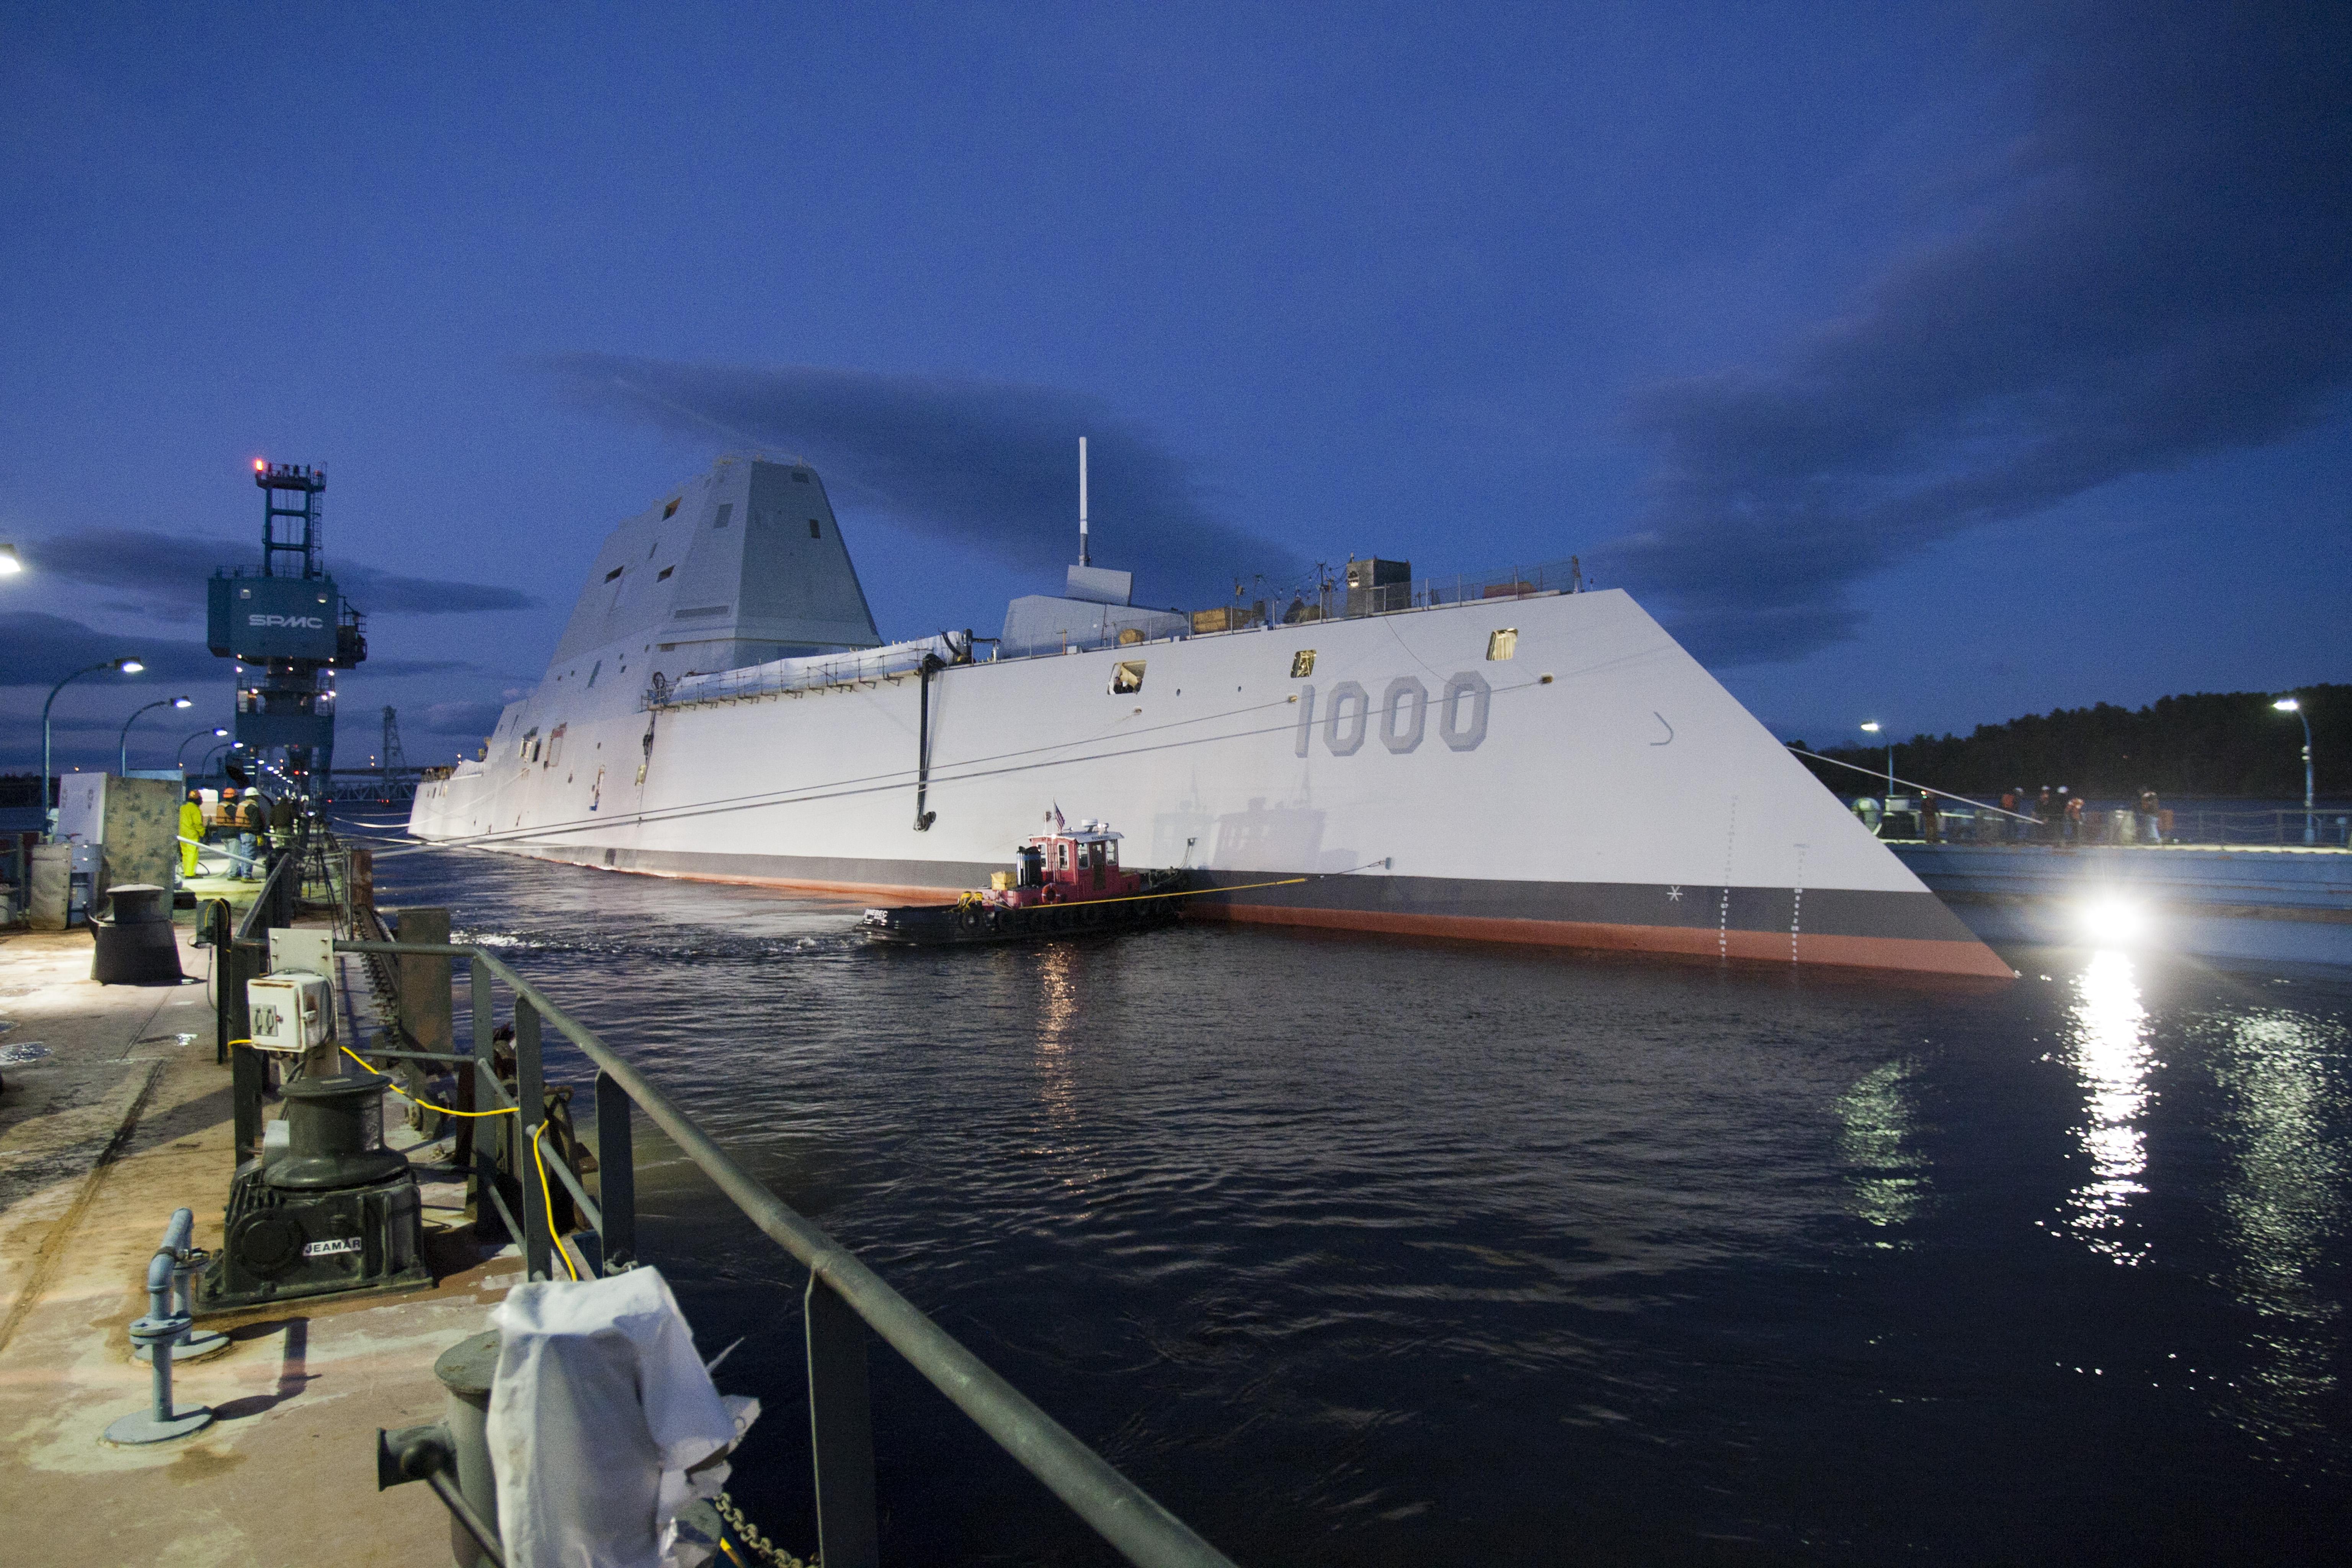 USS ZUMWALT DDG-1000 Aufschwimmen 28.10.2013 Bild: General Dynamics, Bath Iron Works